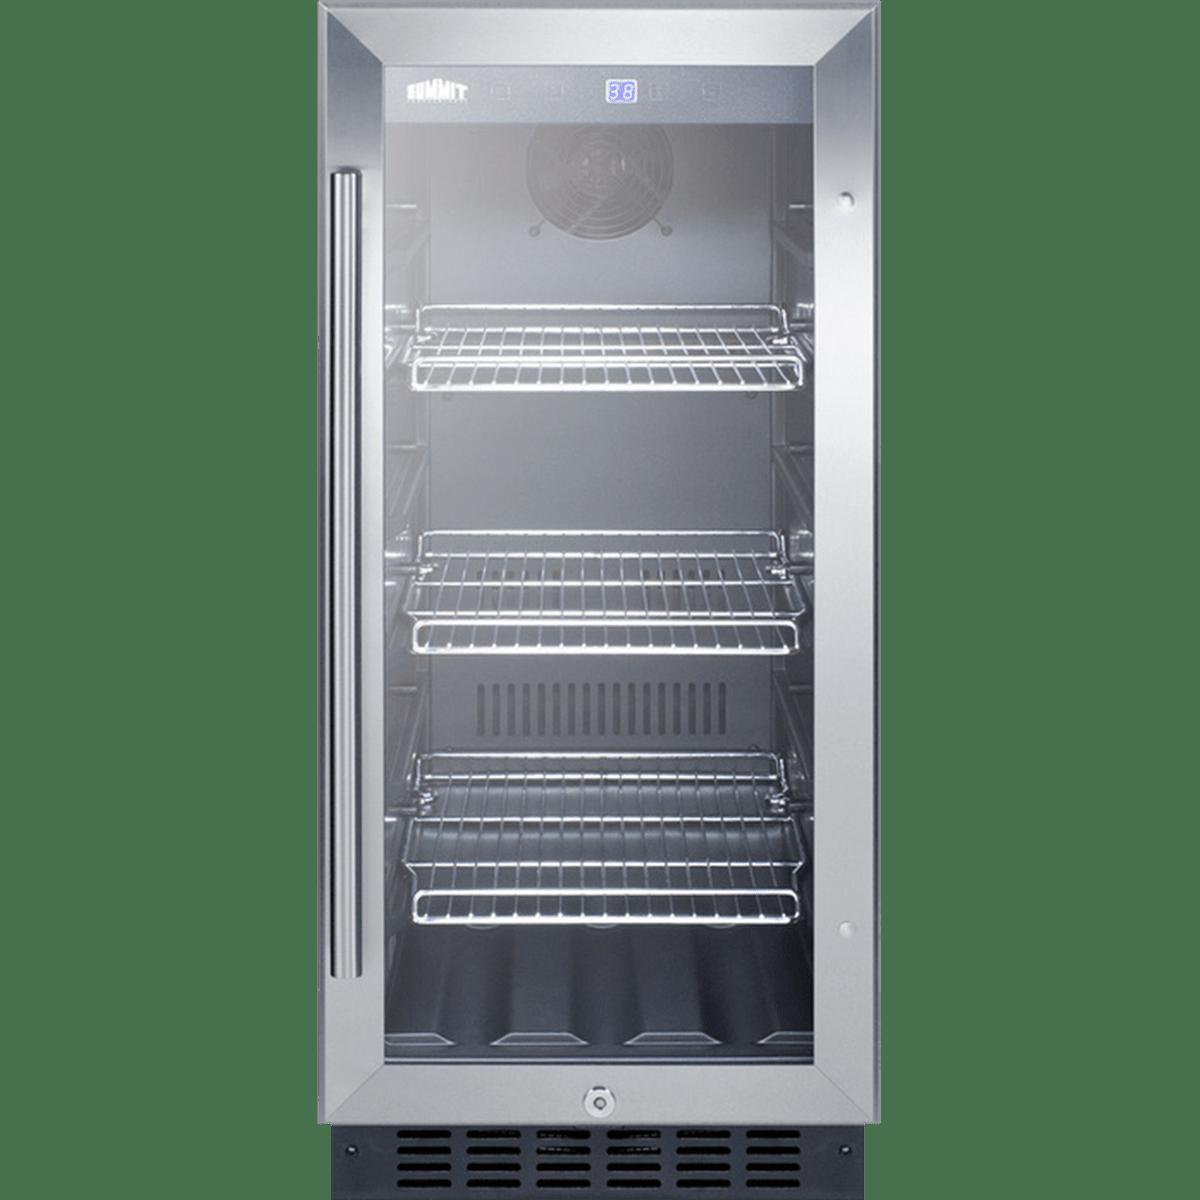 Summit 15 Inch Built In Beverage Cooler Scr1536bg